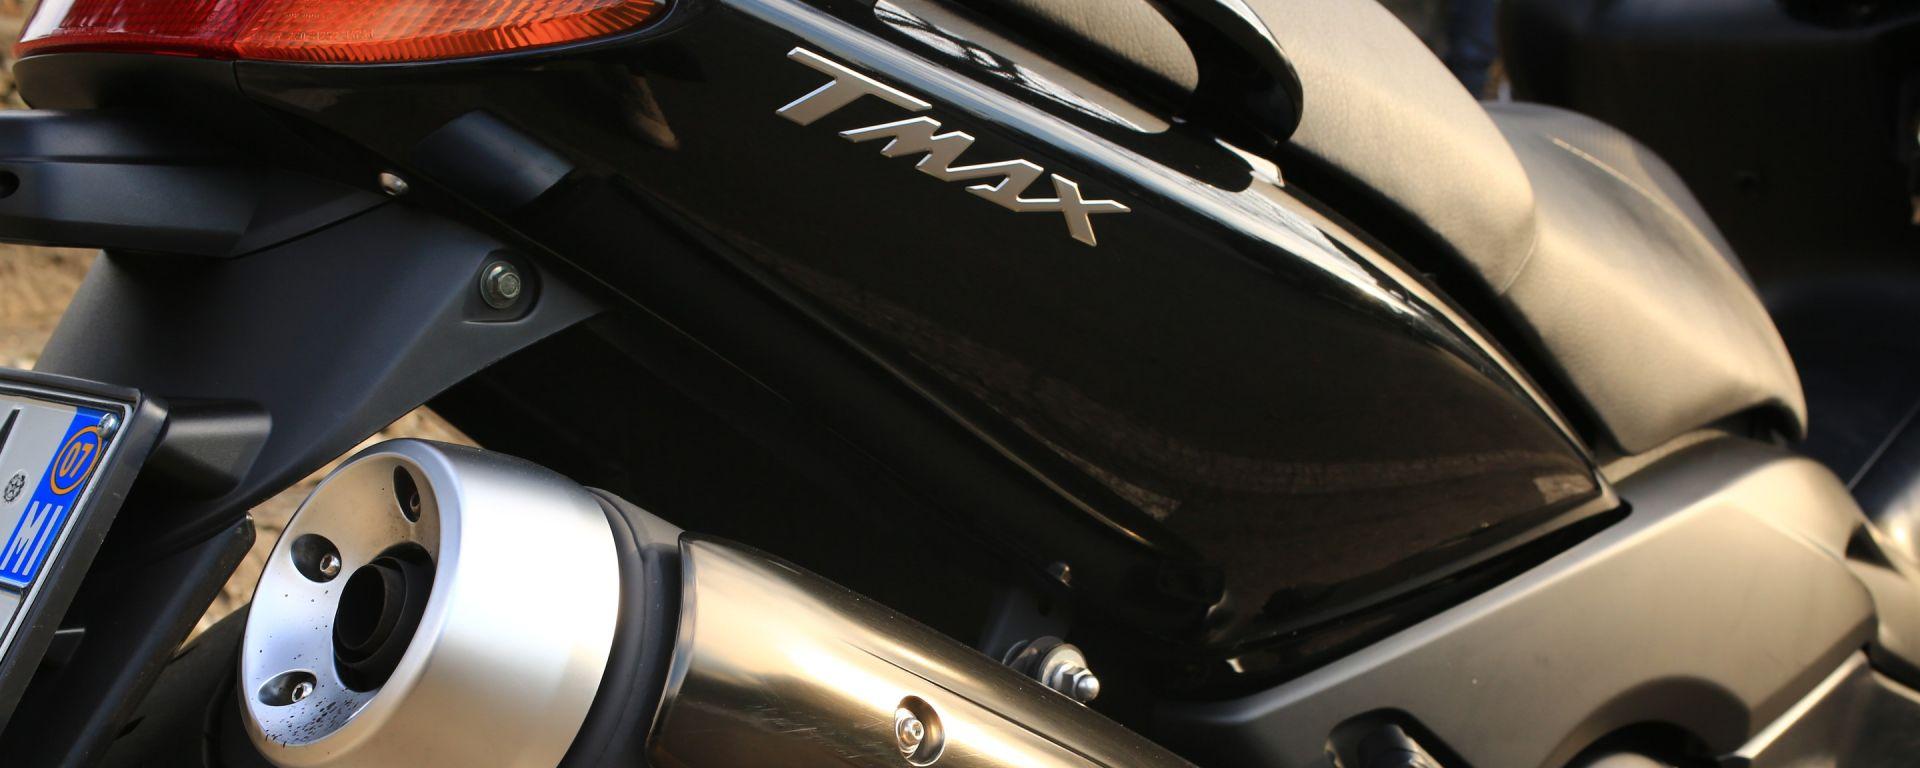 La carta d'identità dello Yamaha TMax